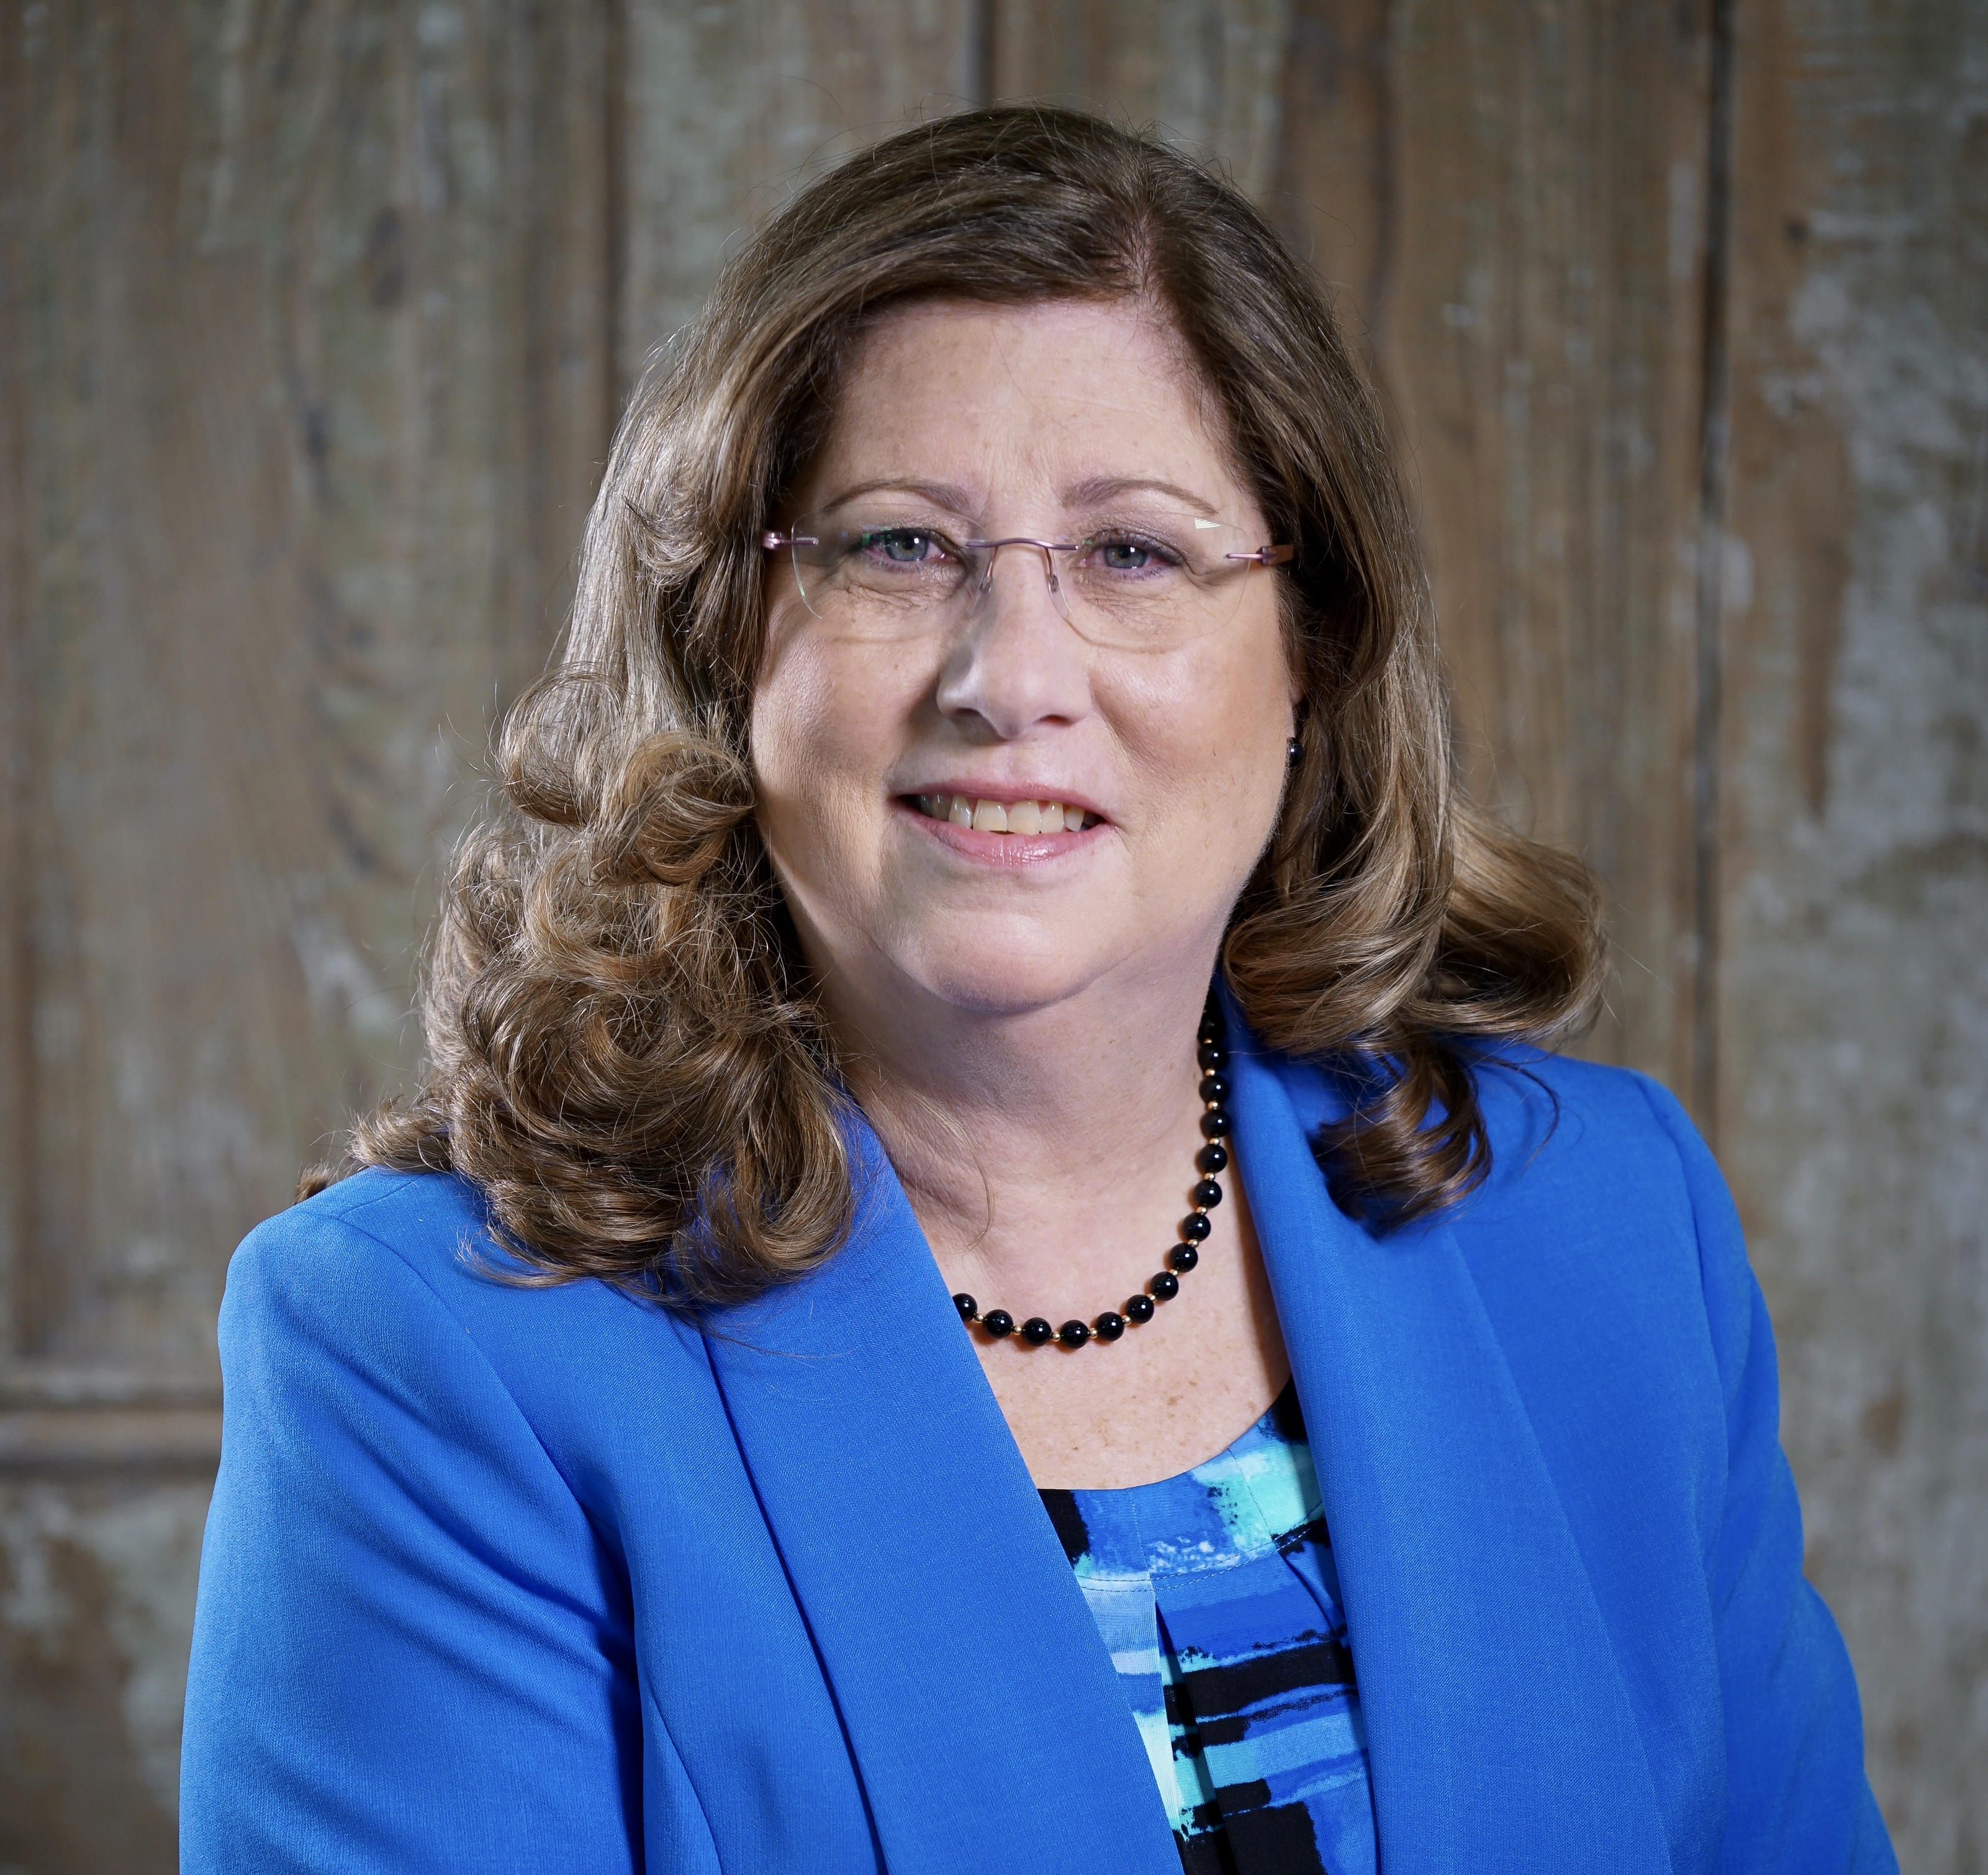 Gail D. Wersten